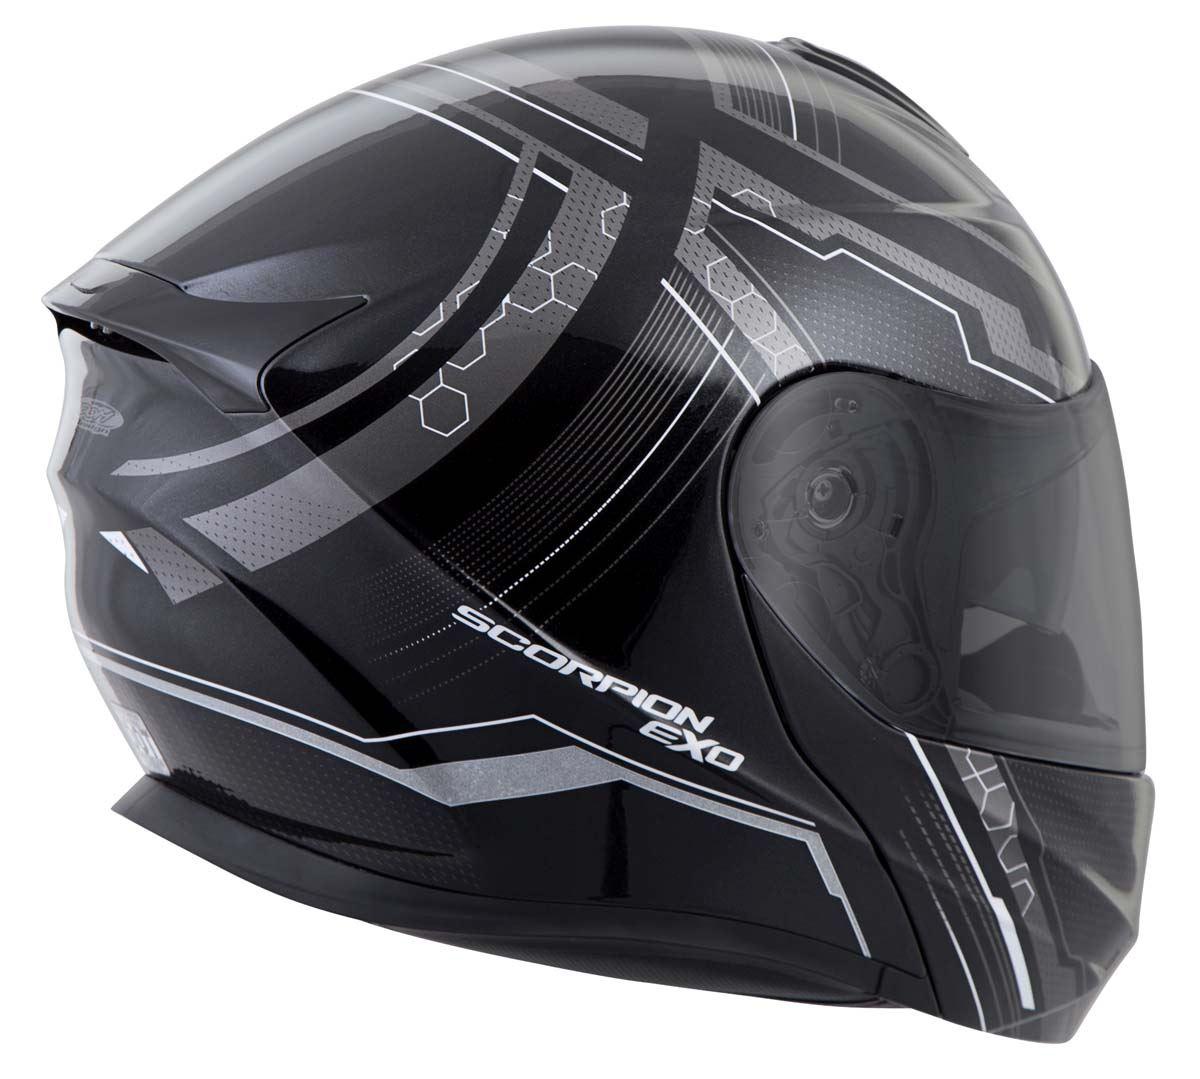 Scorpion-EXO-GT920-Helmet-Sport-Touring-Modular-Flip-Up-DOT-Approved-XS-3XL miniature 19